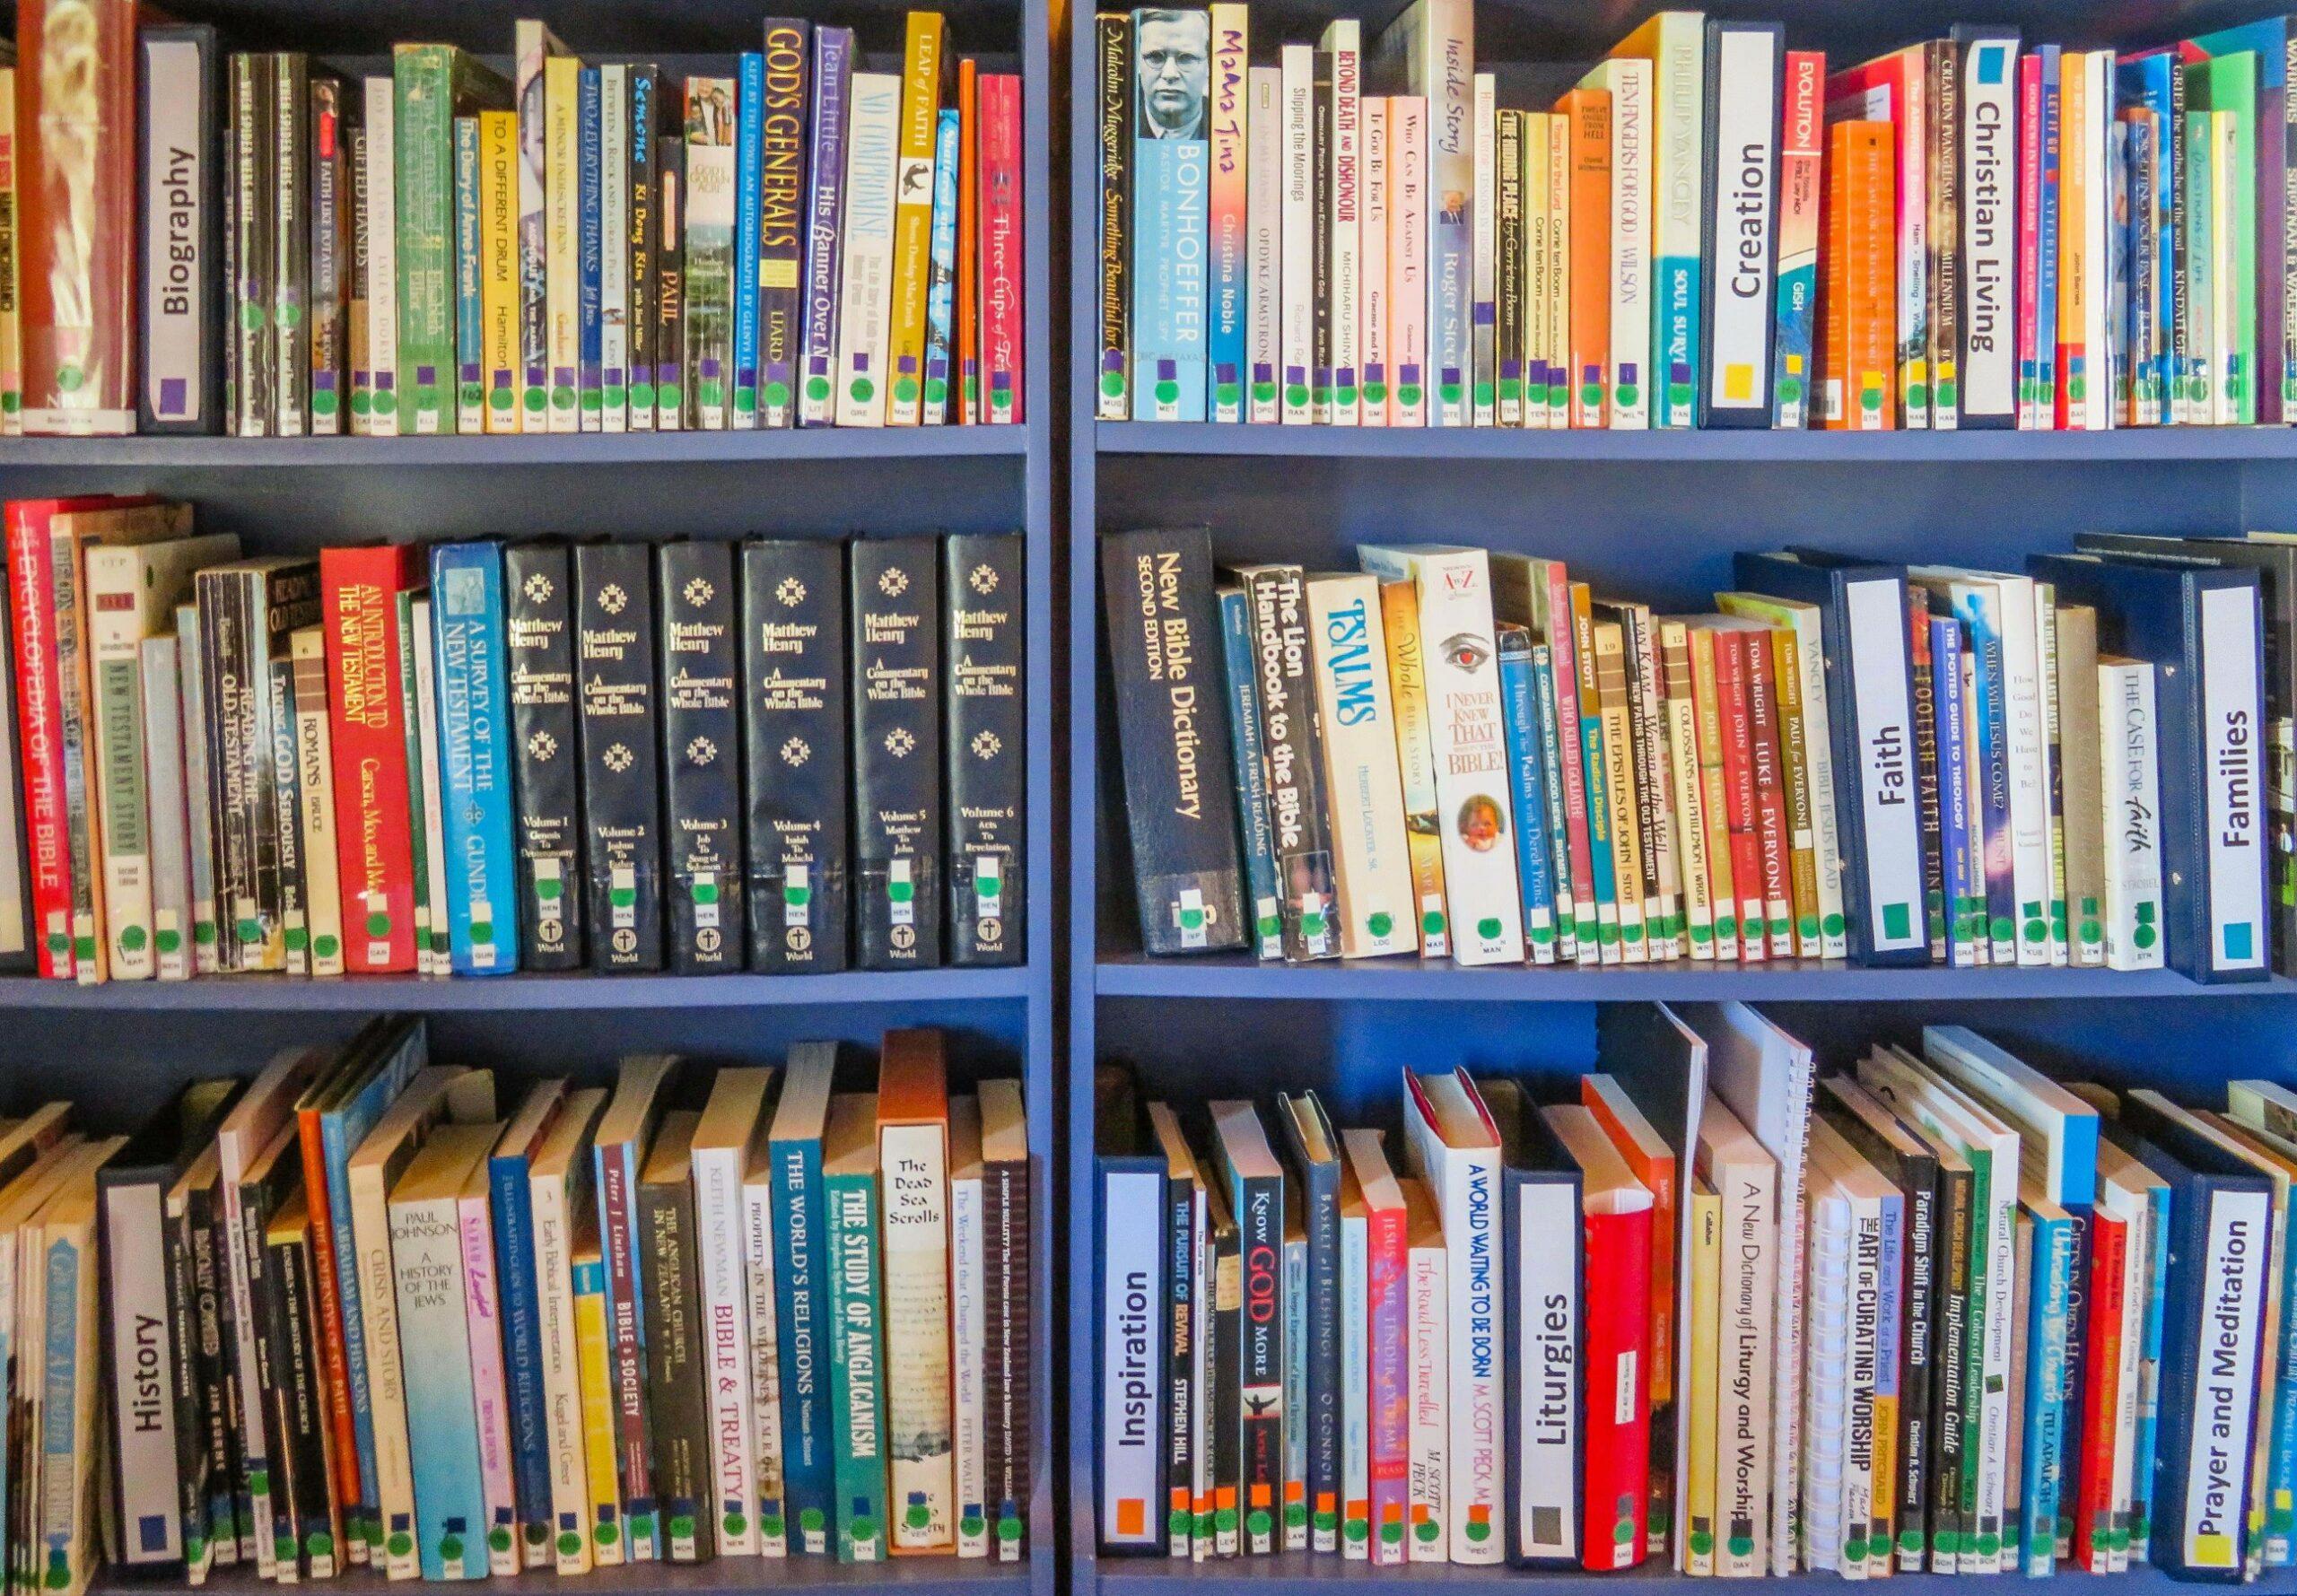 une bibliothèque remplie de livres de collège pour étudier le français